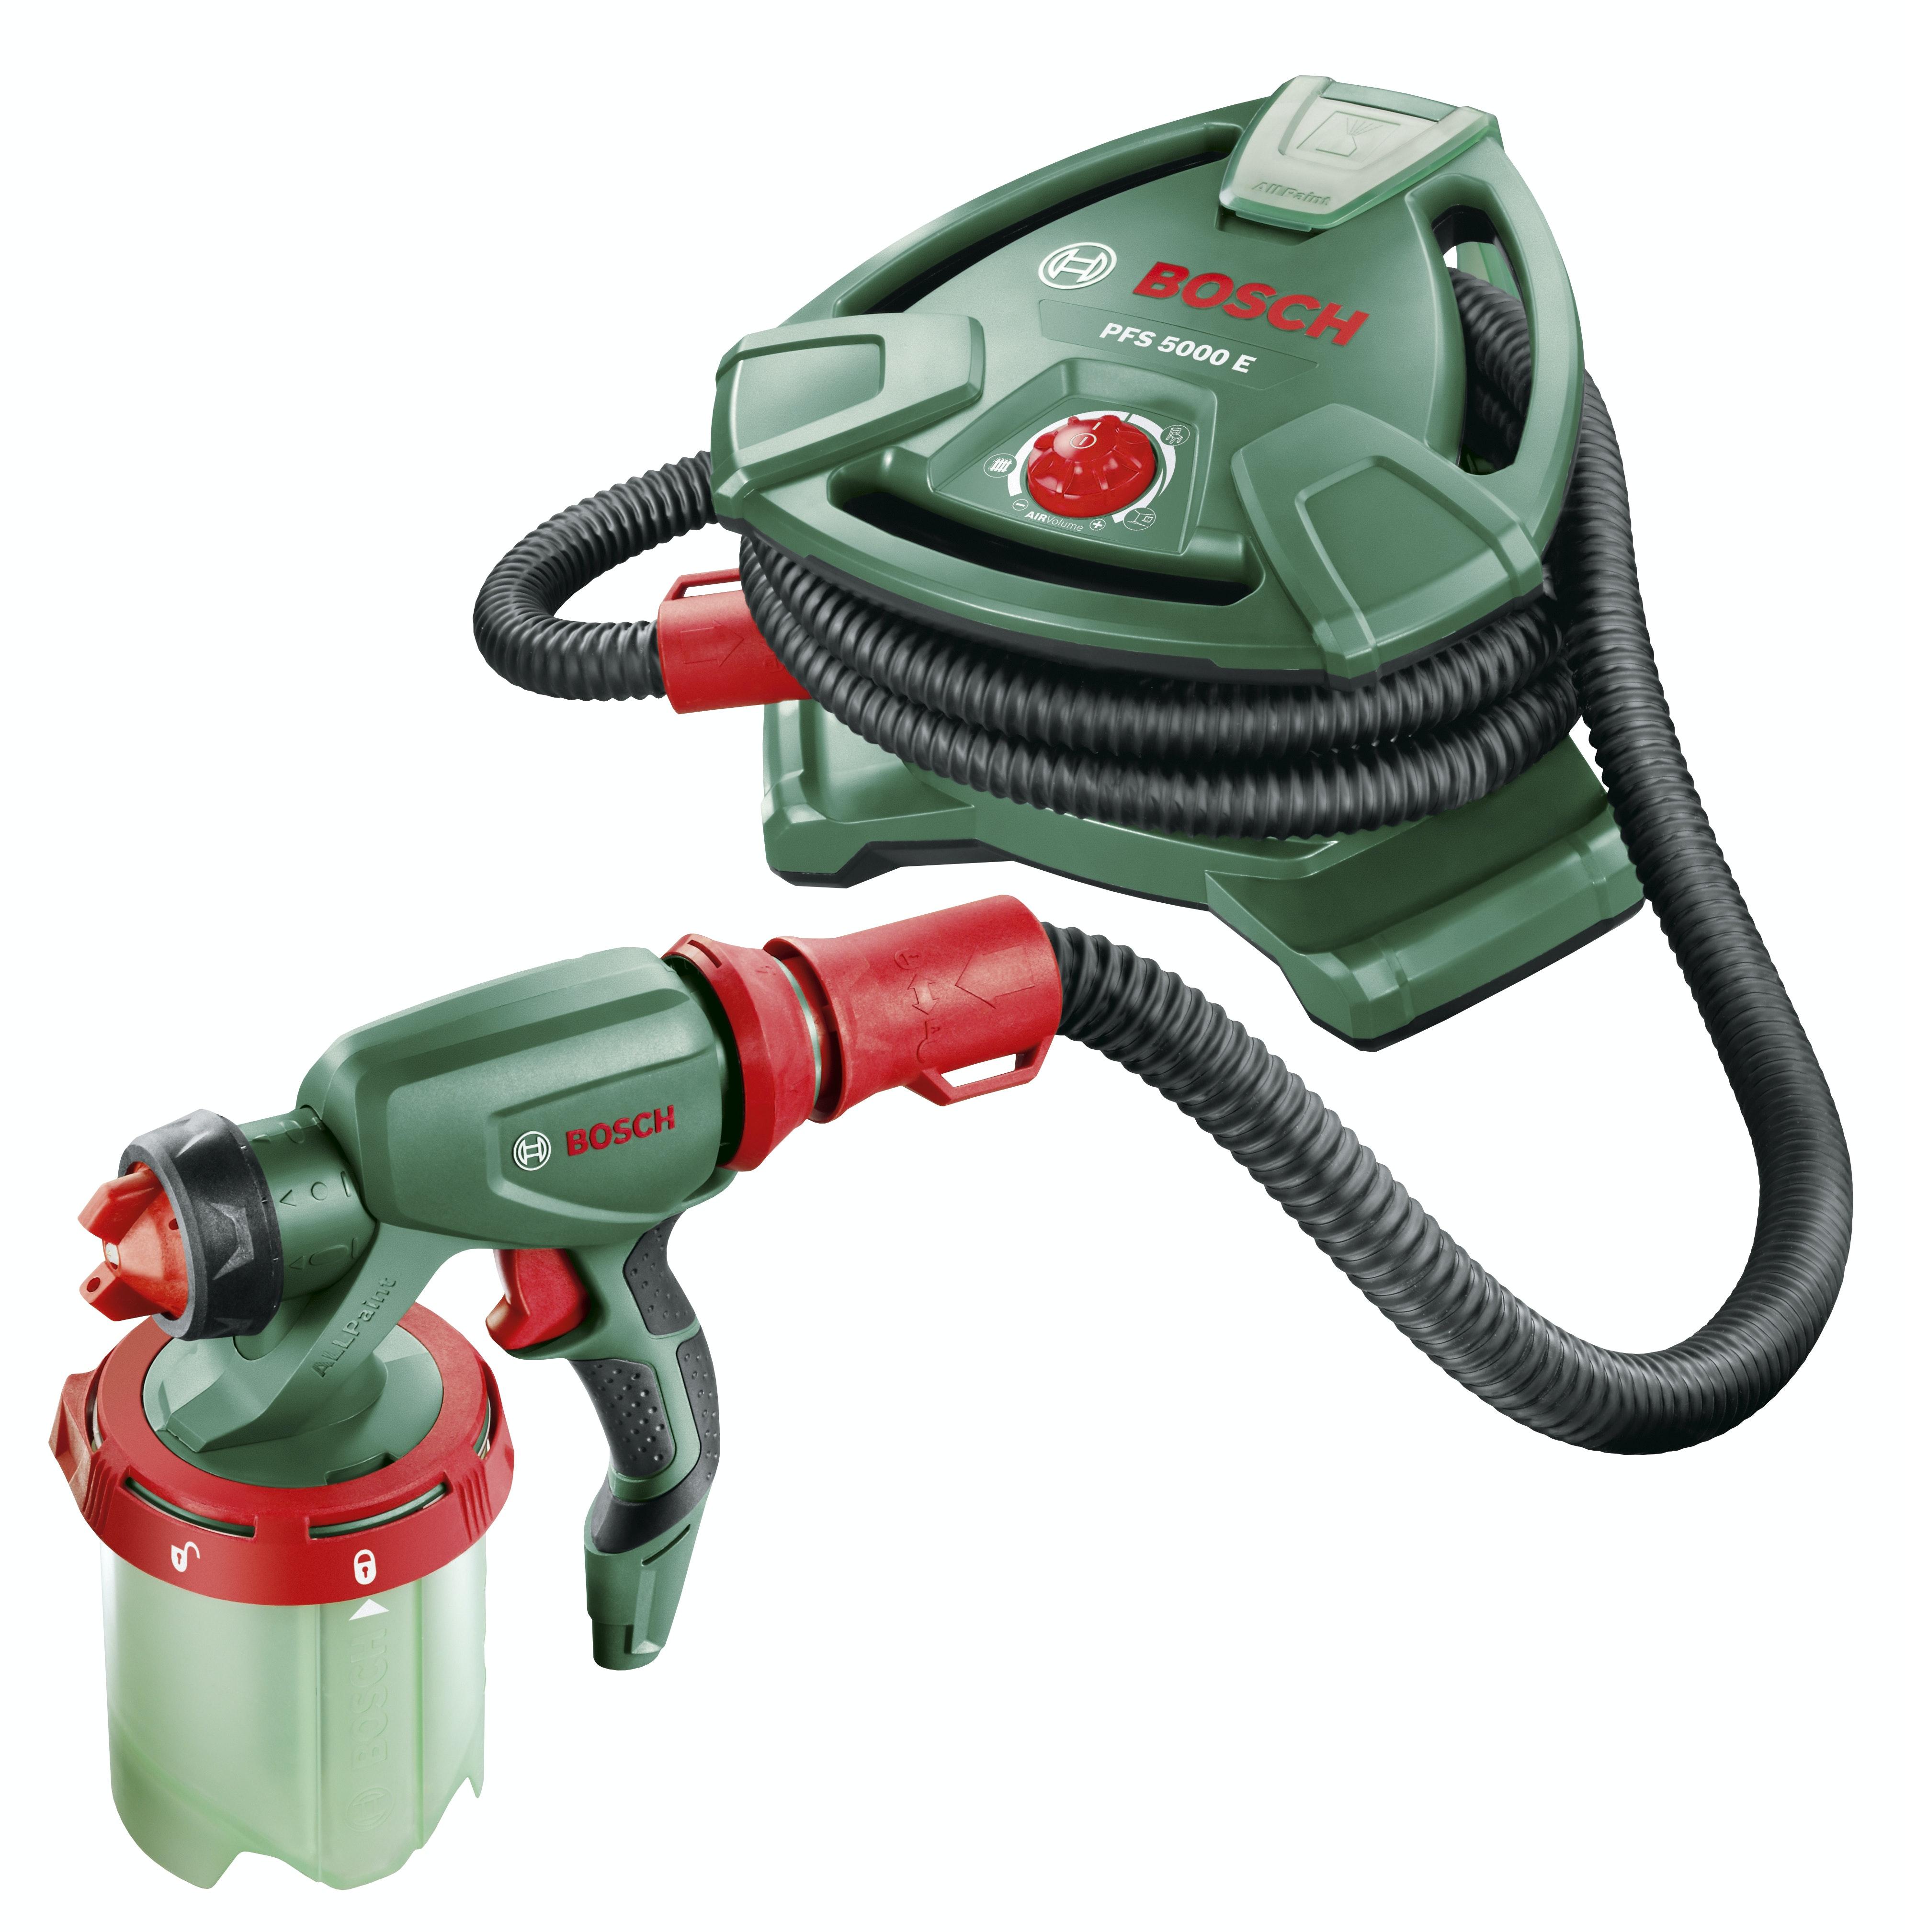 Färgsprutpistol Bosch PFS 5000 E